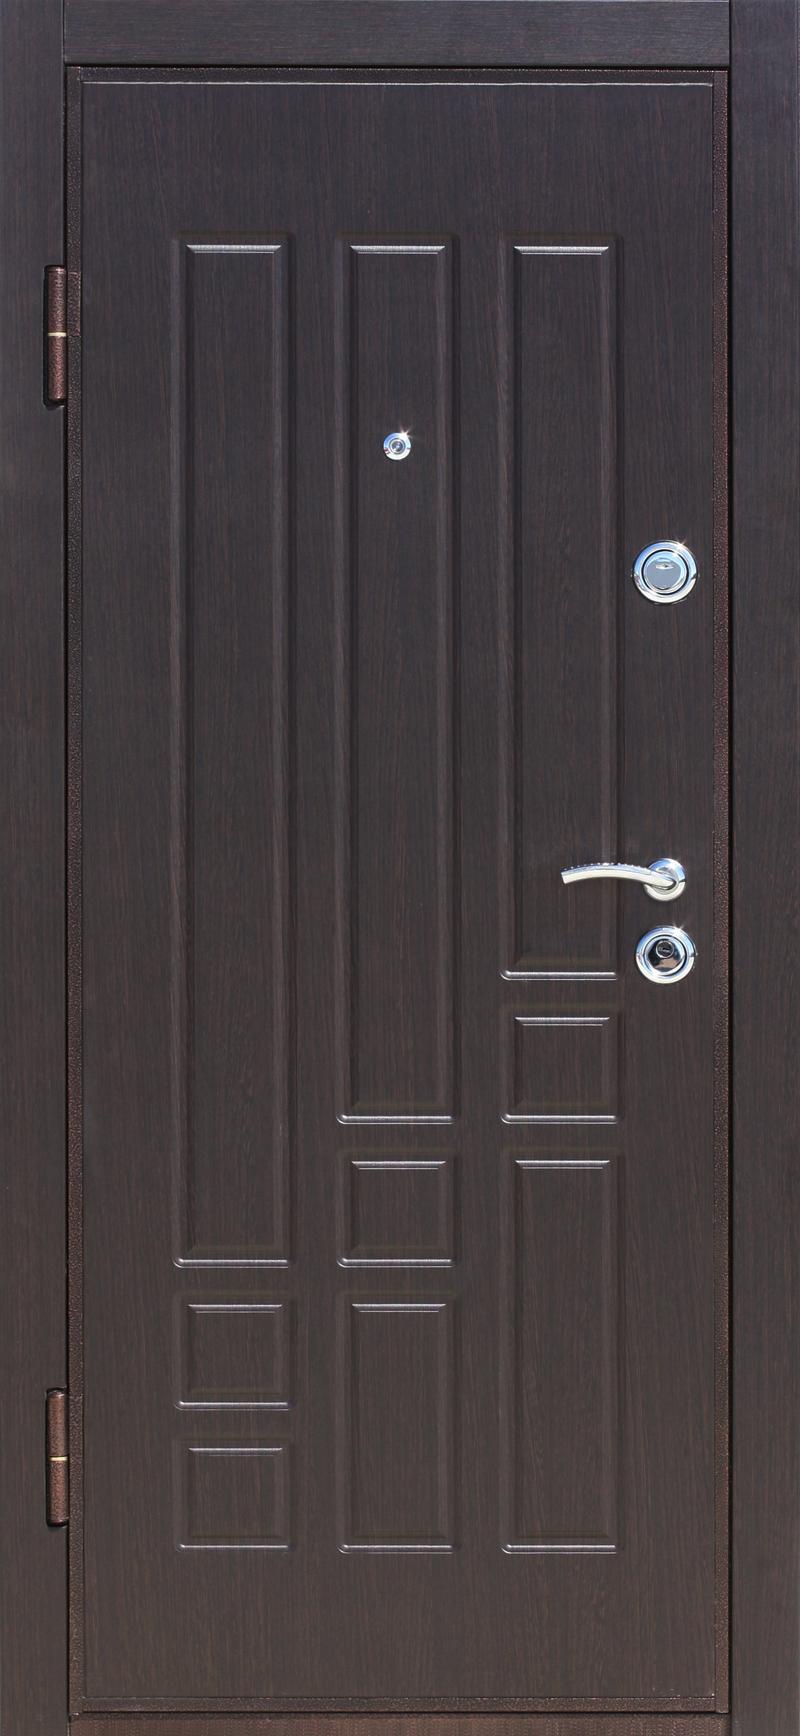 В дверях калины шумоизоляция